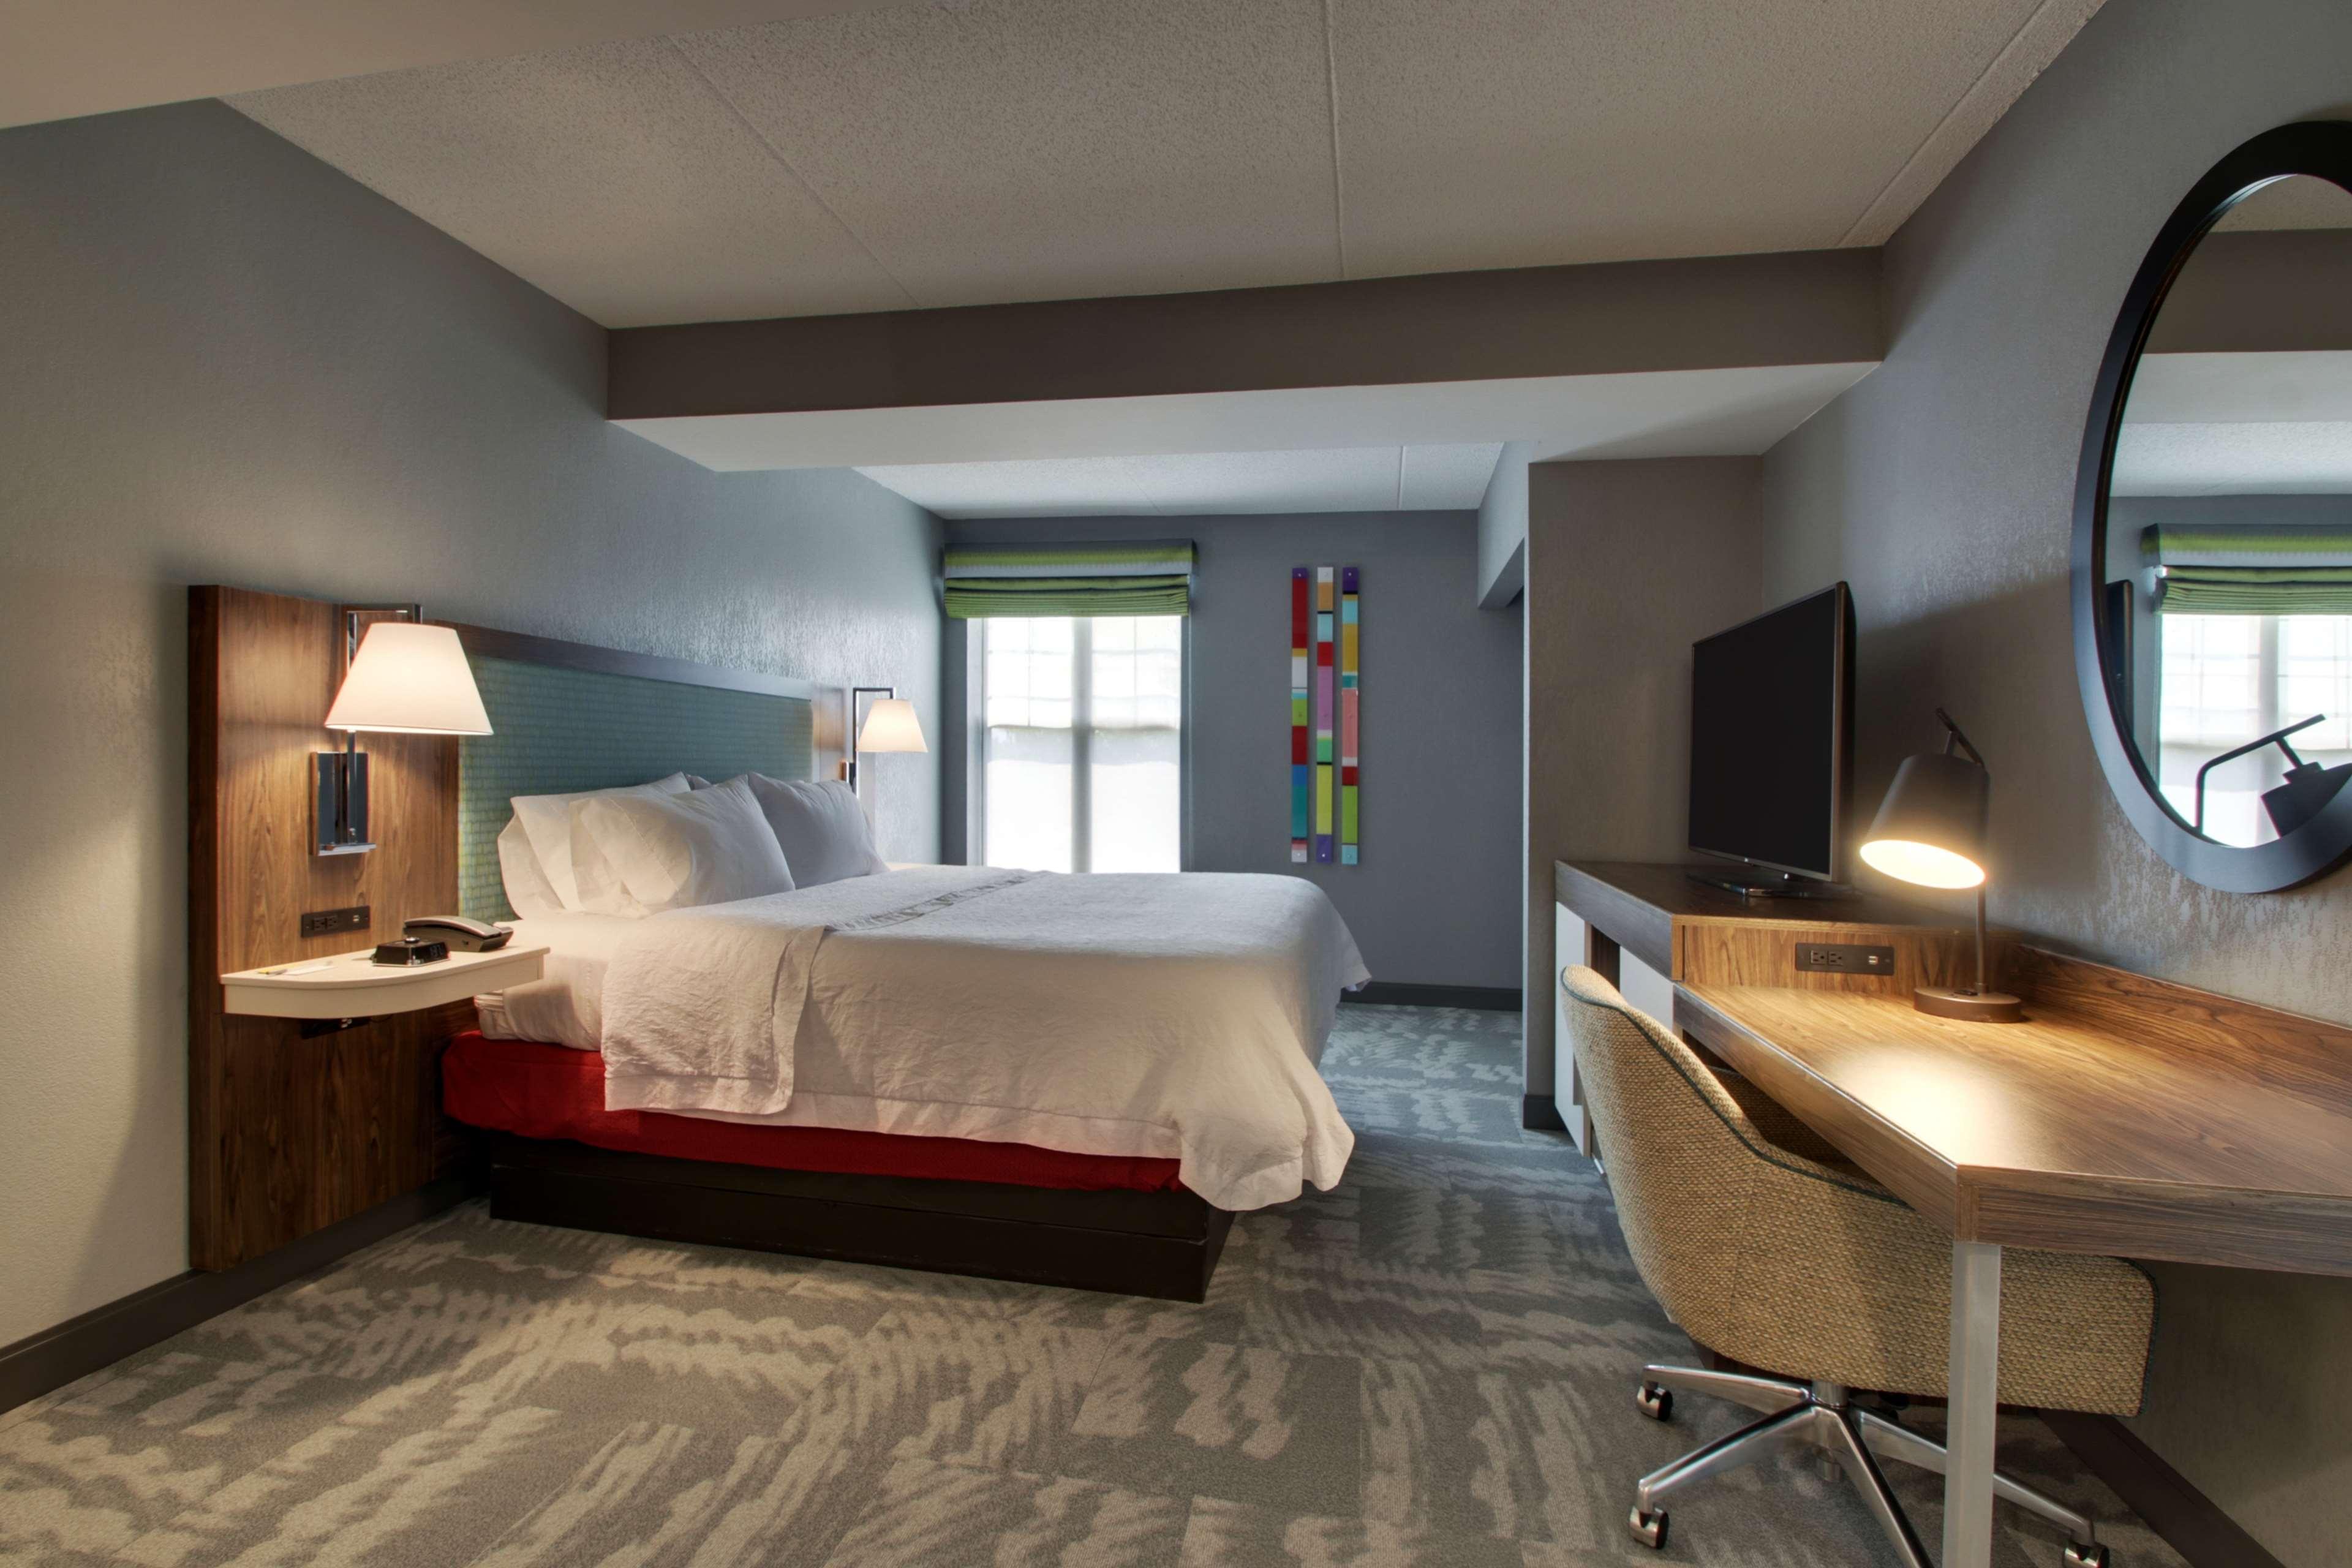 Hampton Inn & Suites Chicago/Aurora image 22